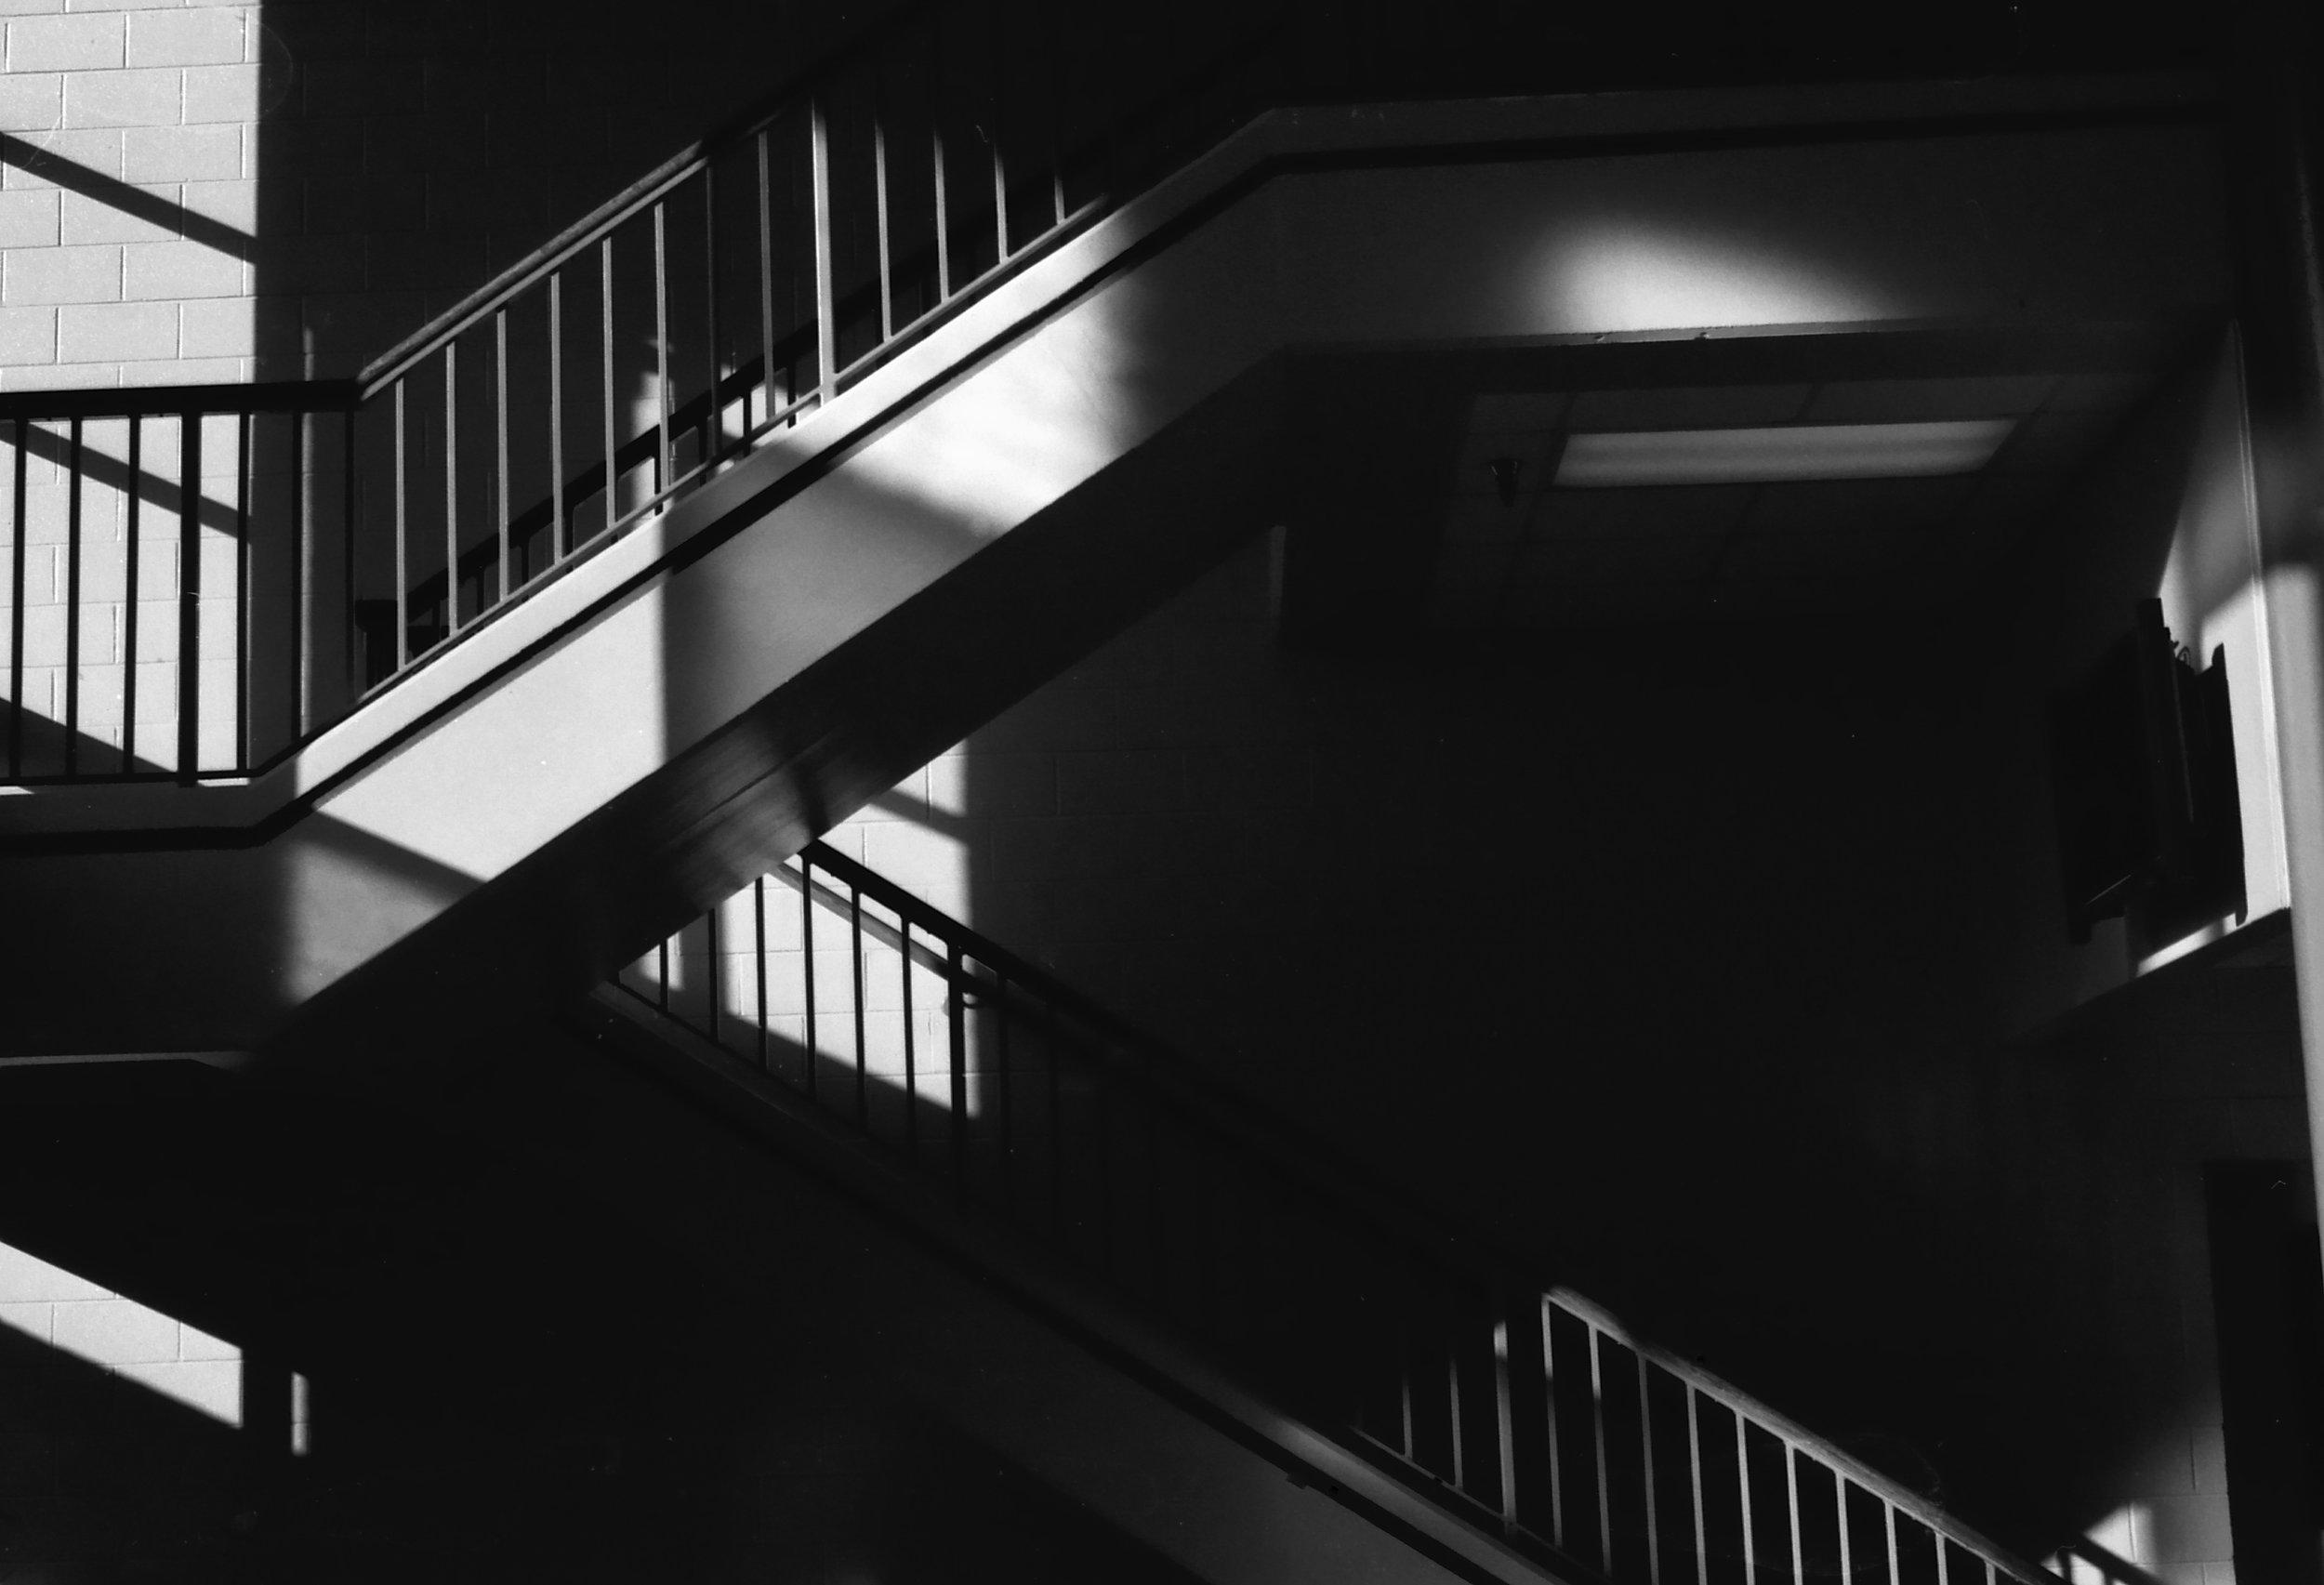 Stairs | Minolta XE7 F | Bobby Kulik